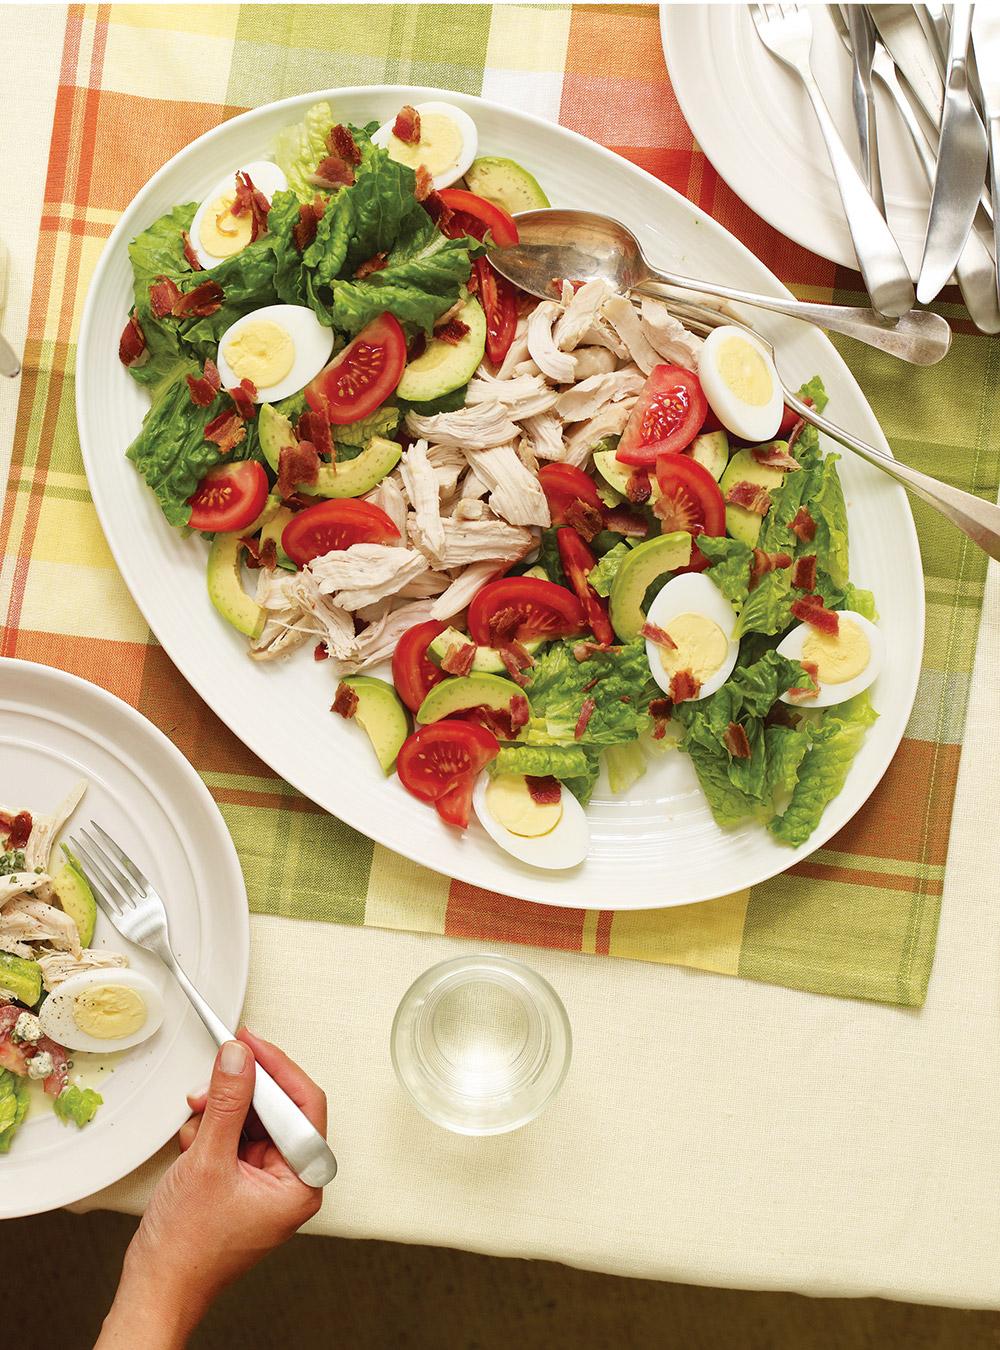 Salade-repas cobb | ricardo